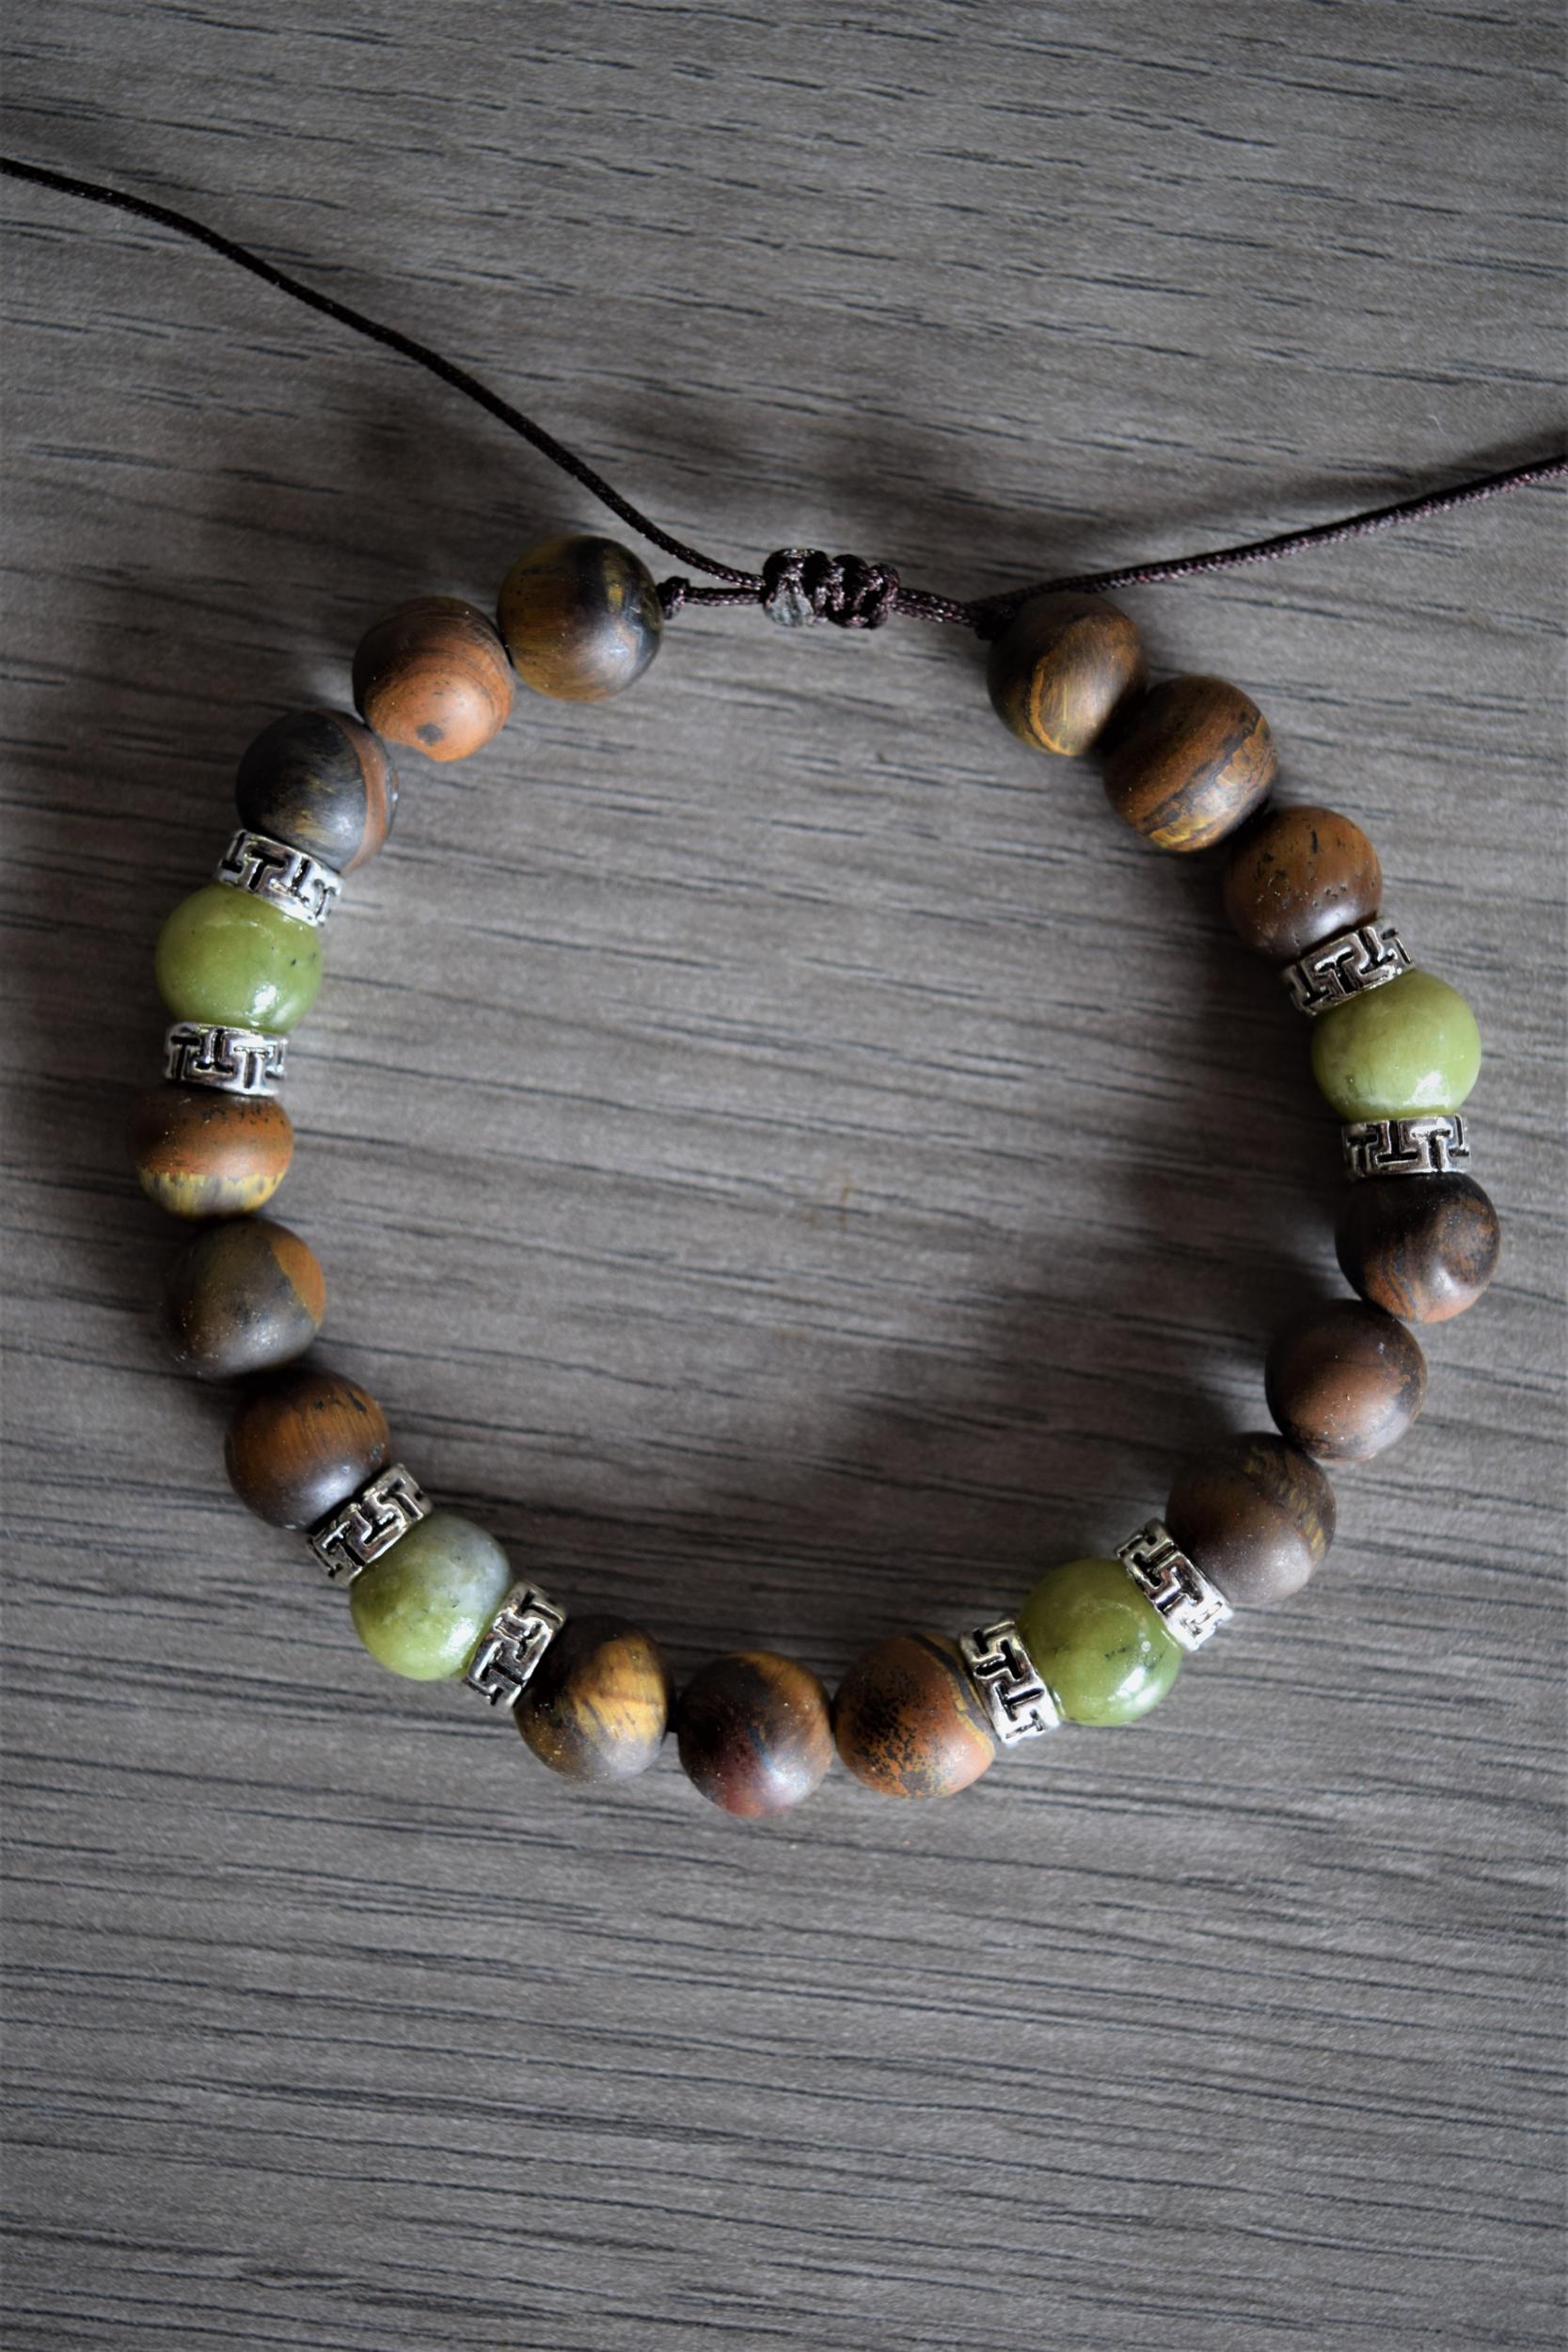 Bracelet Guérison & protection en Oeil de tigre et Jade nephrite